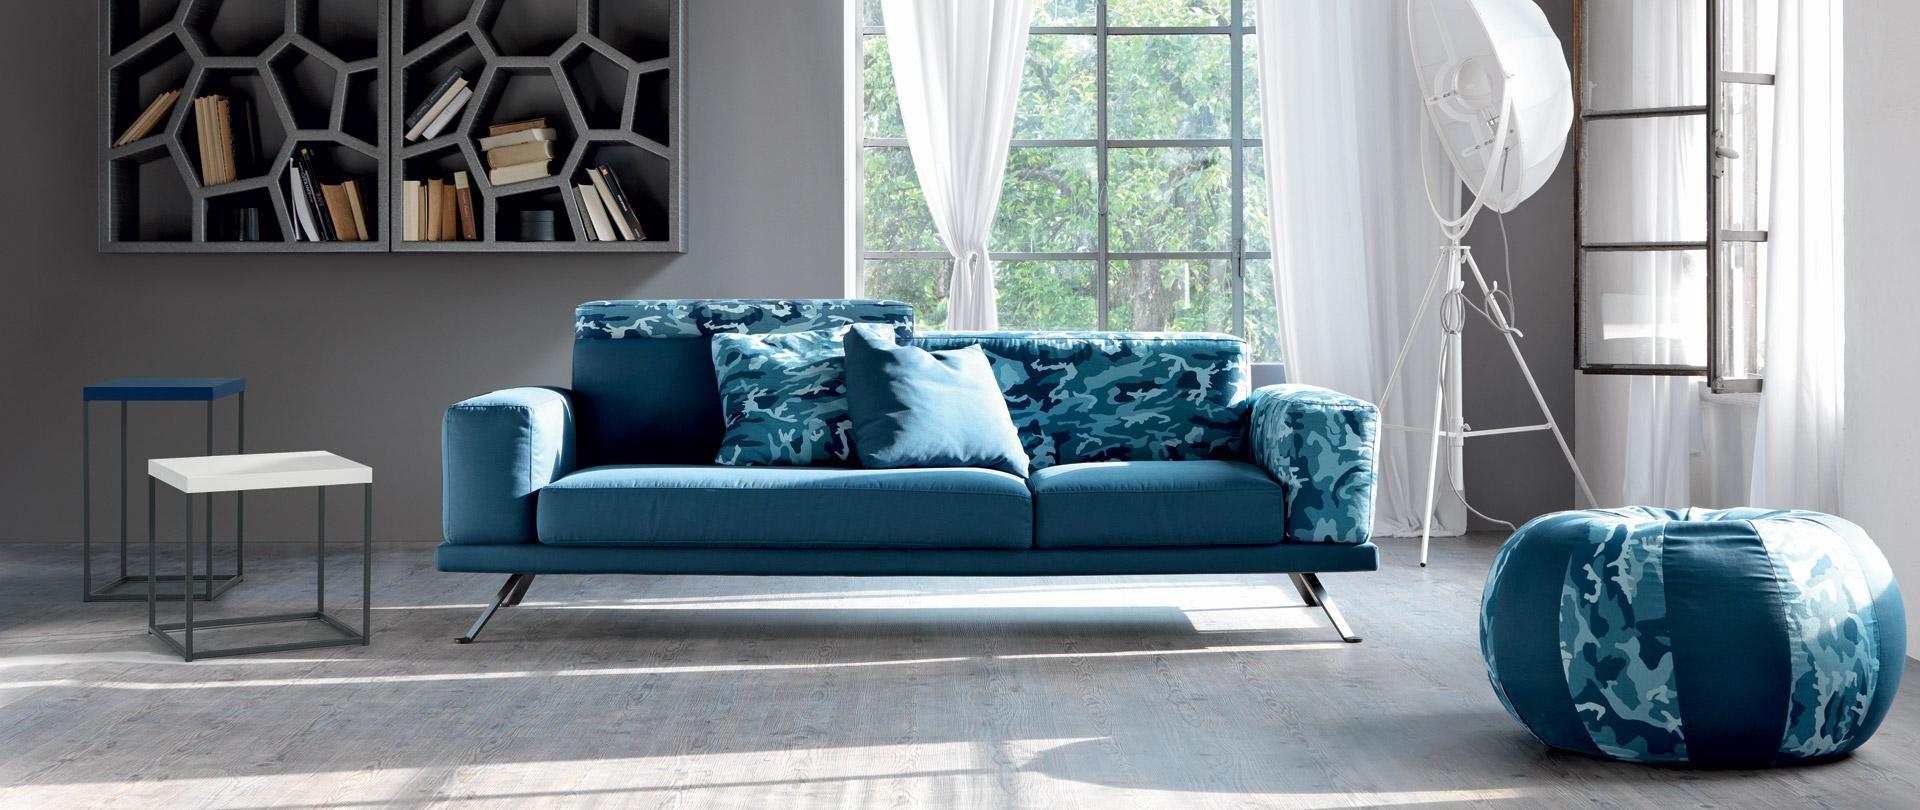 Doimo salotti divano modello under mix divani a prezzi for Divani salotti